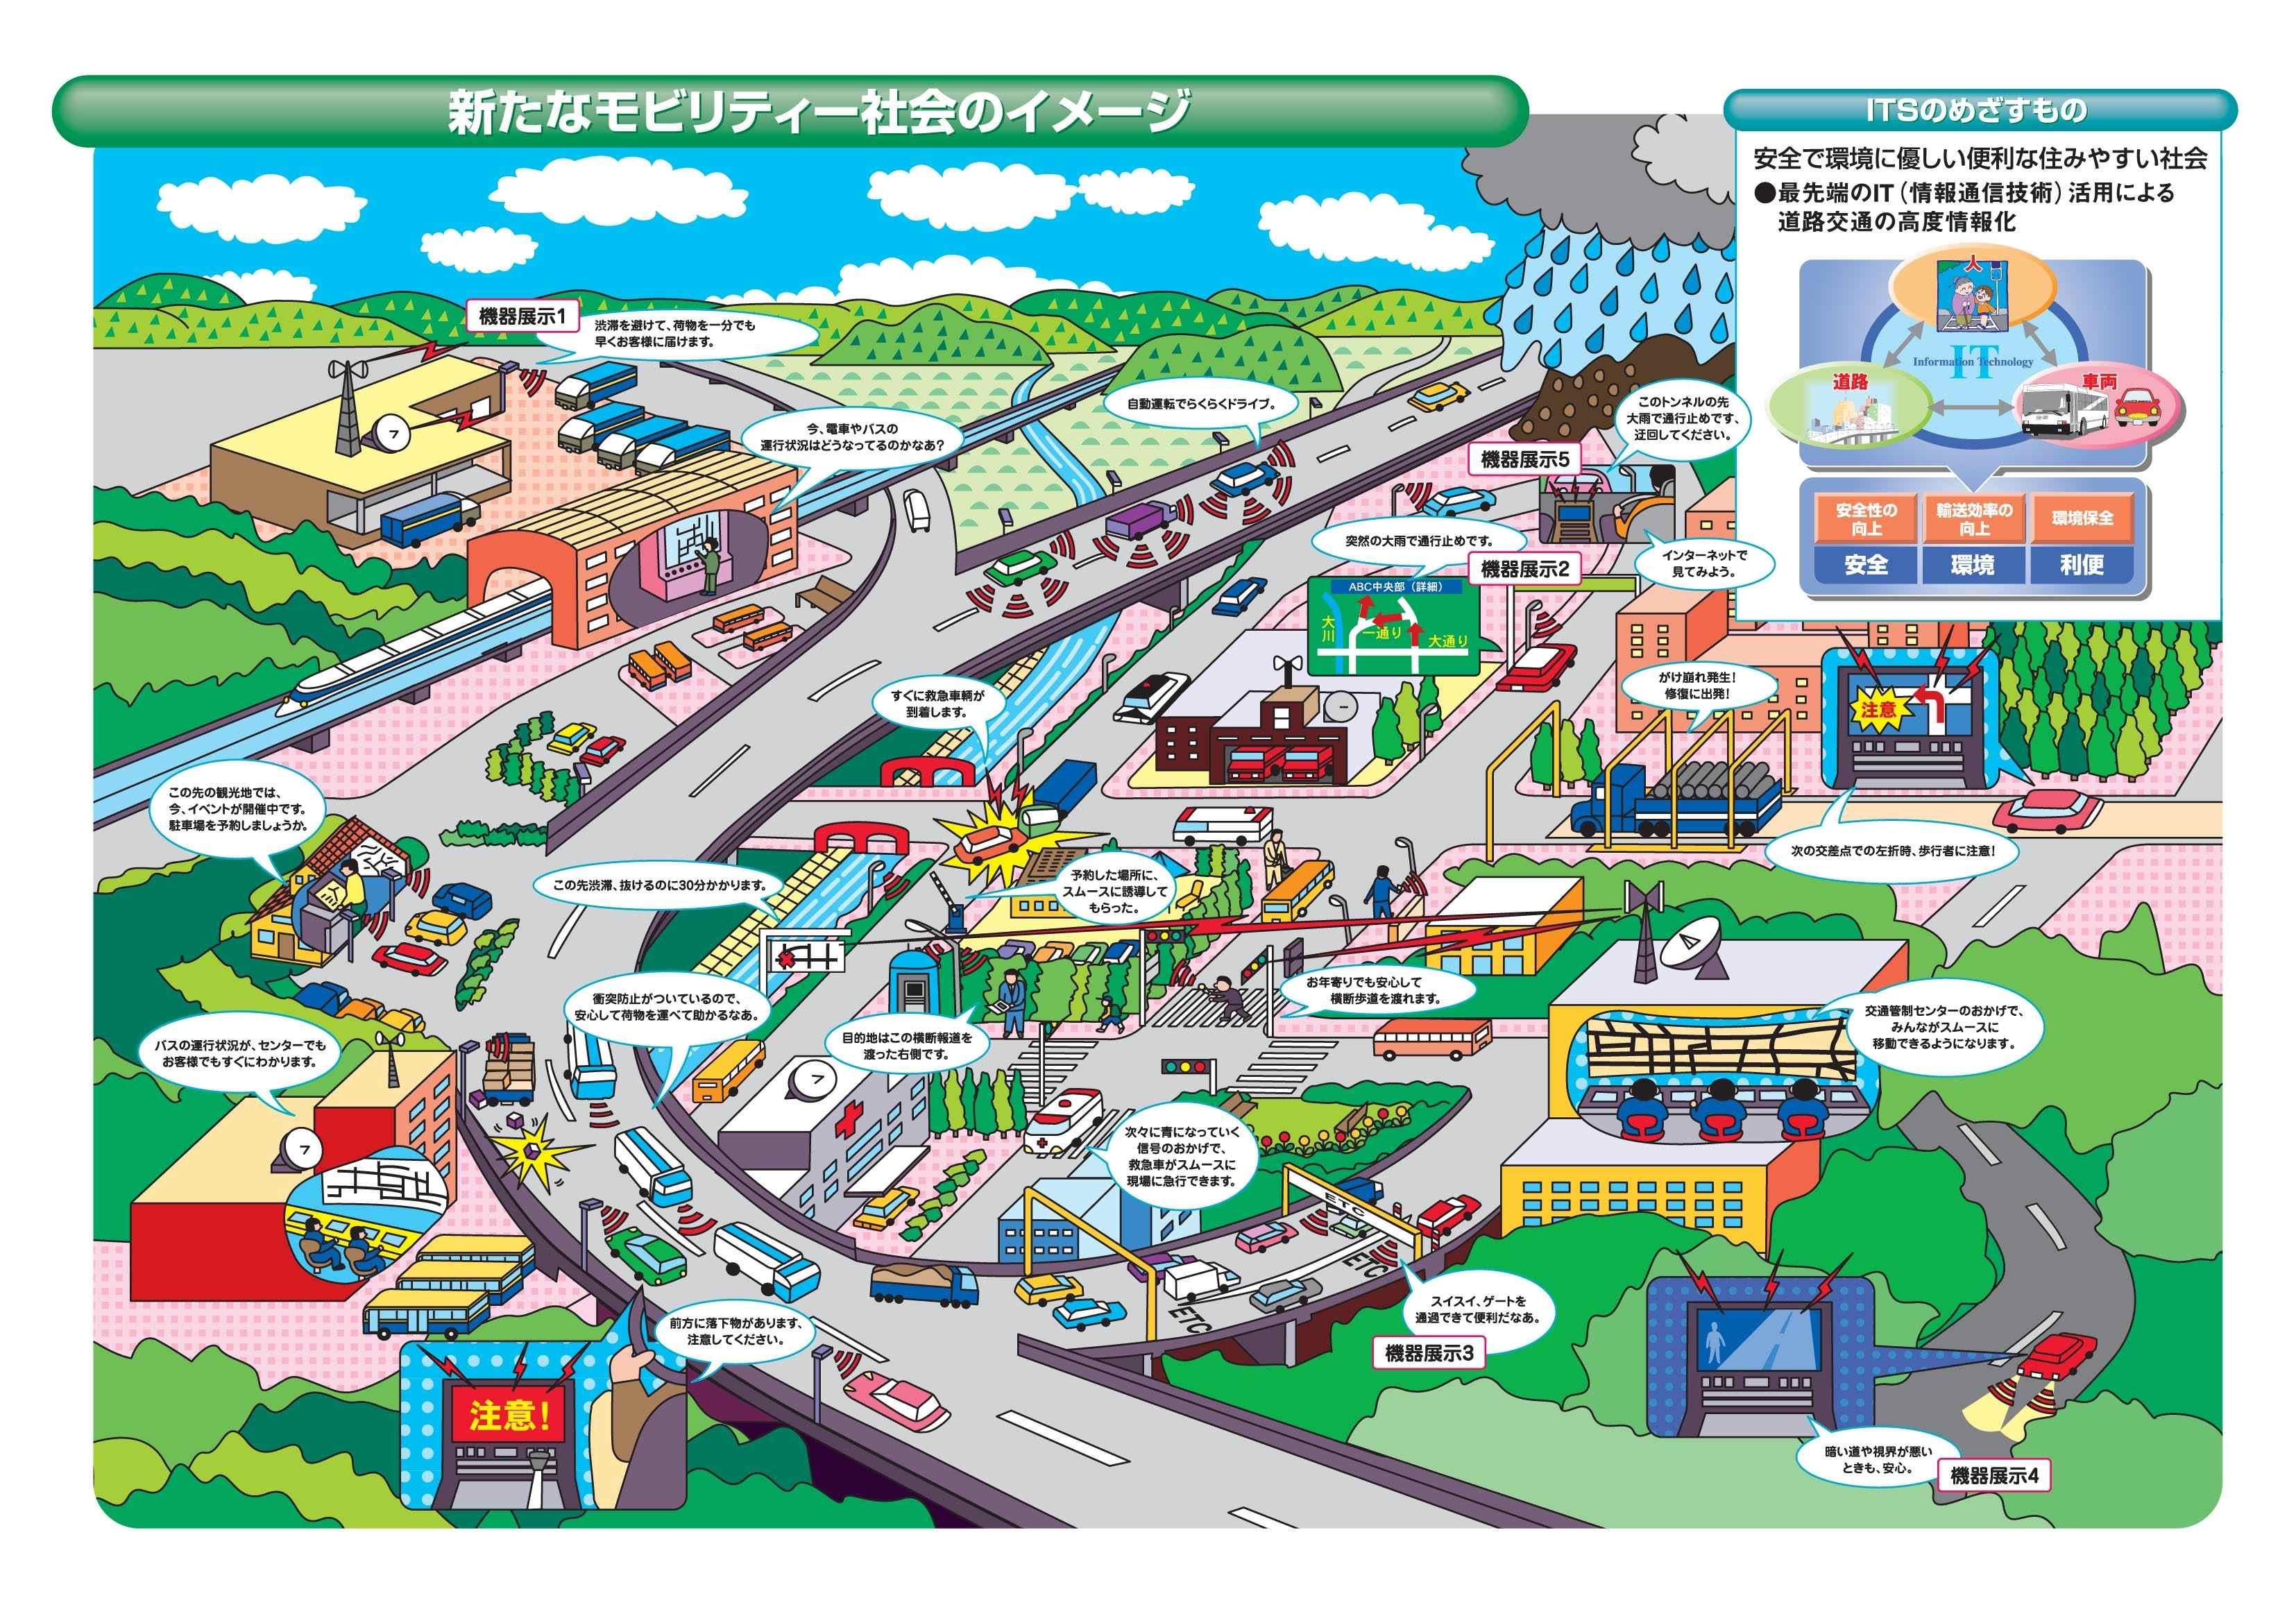 次世代its 社会的課題への対応 its japan